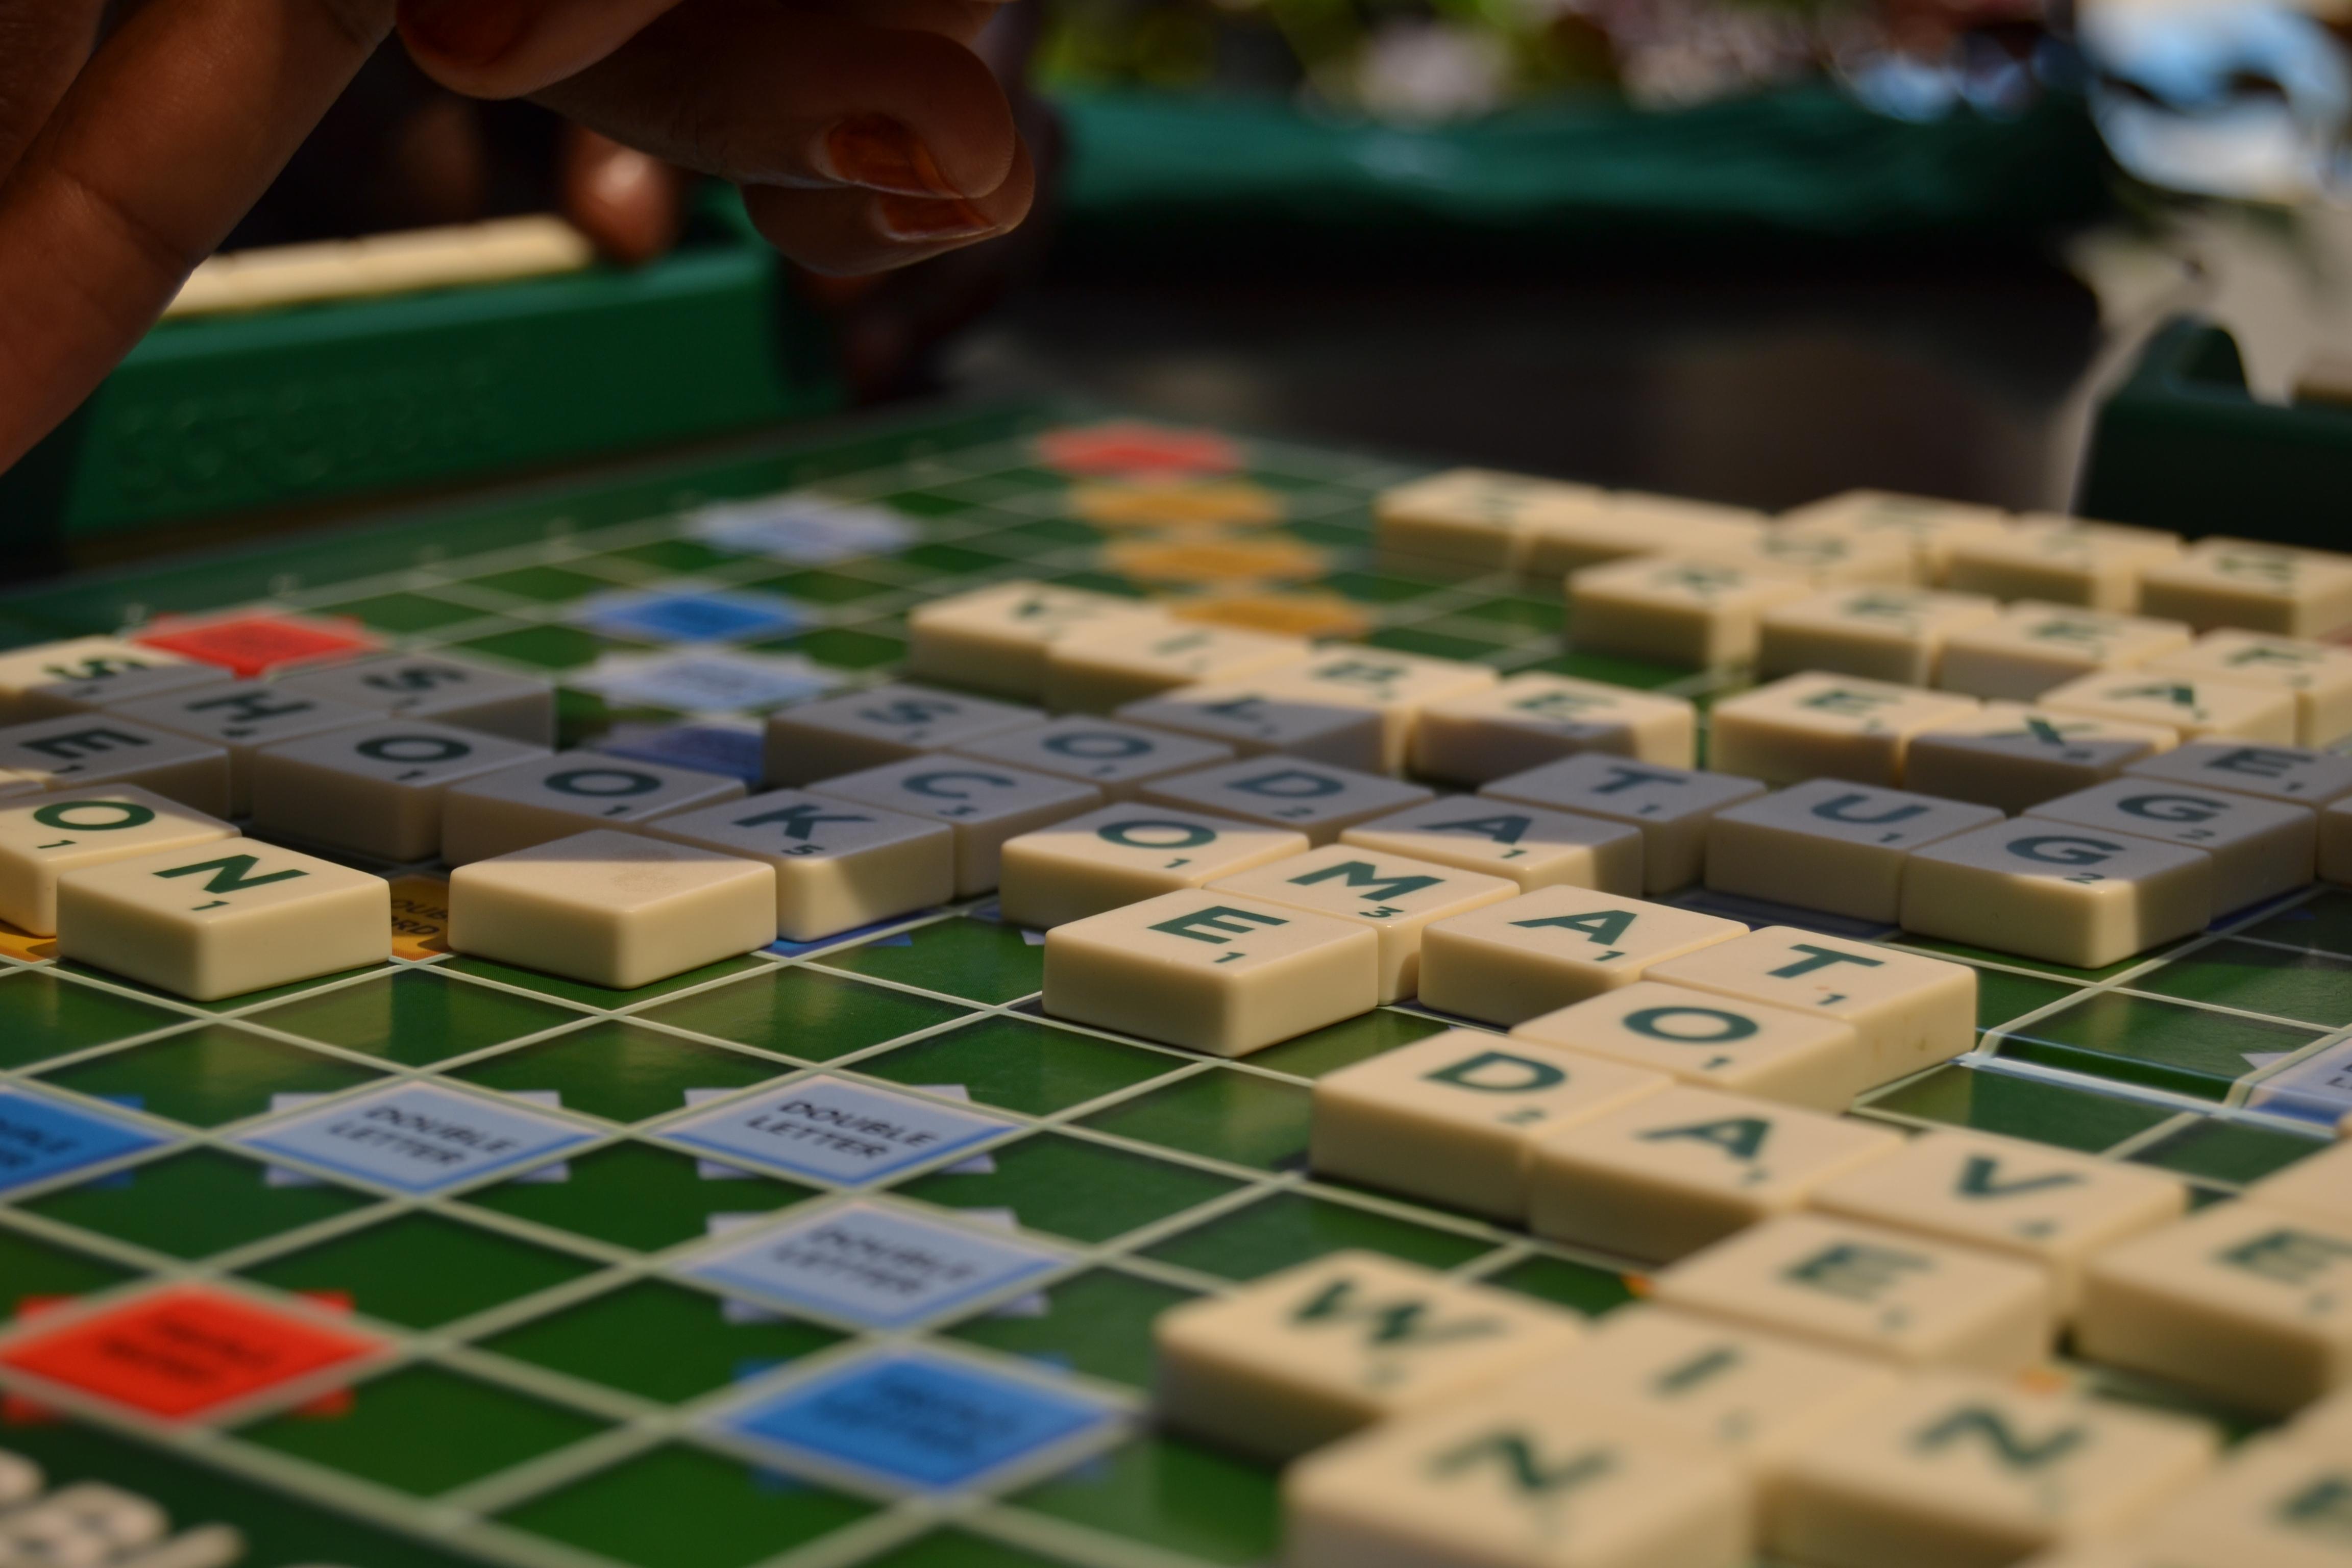 Play strip scrabble